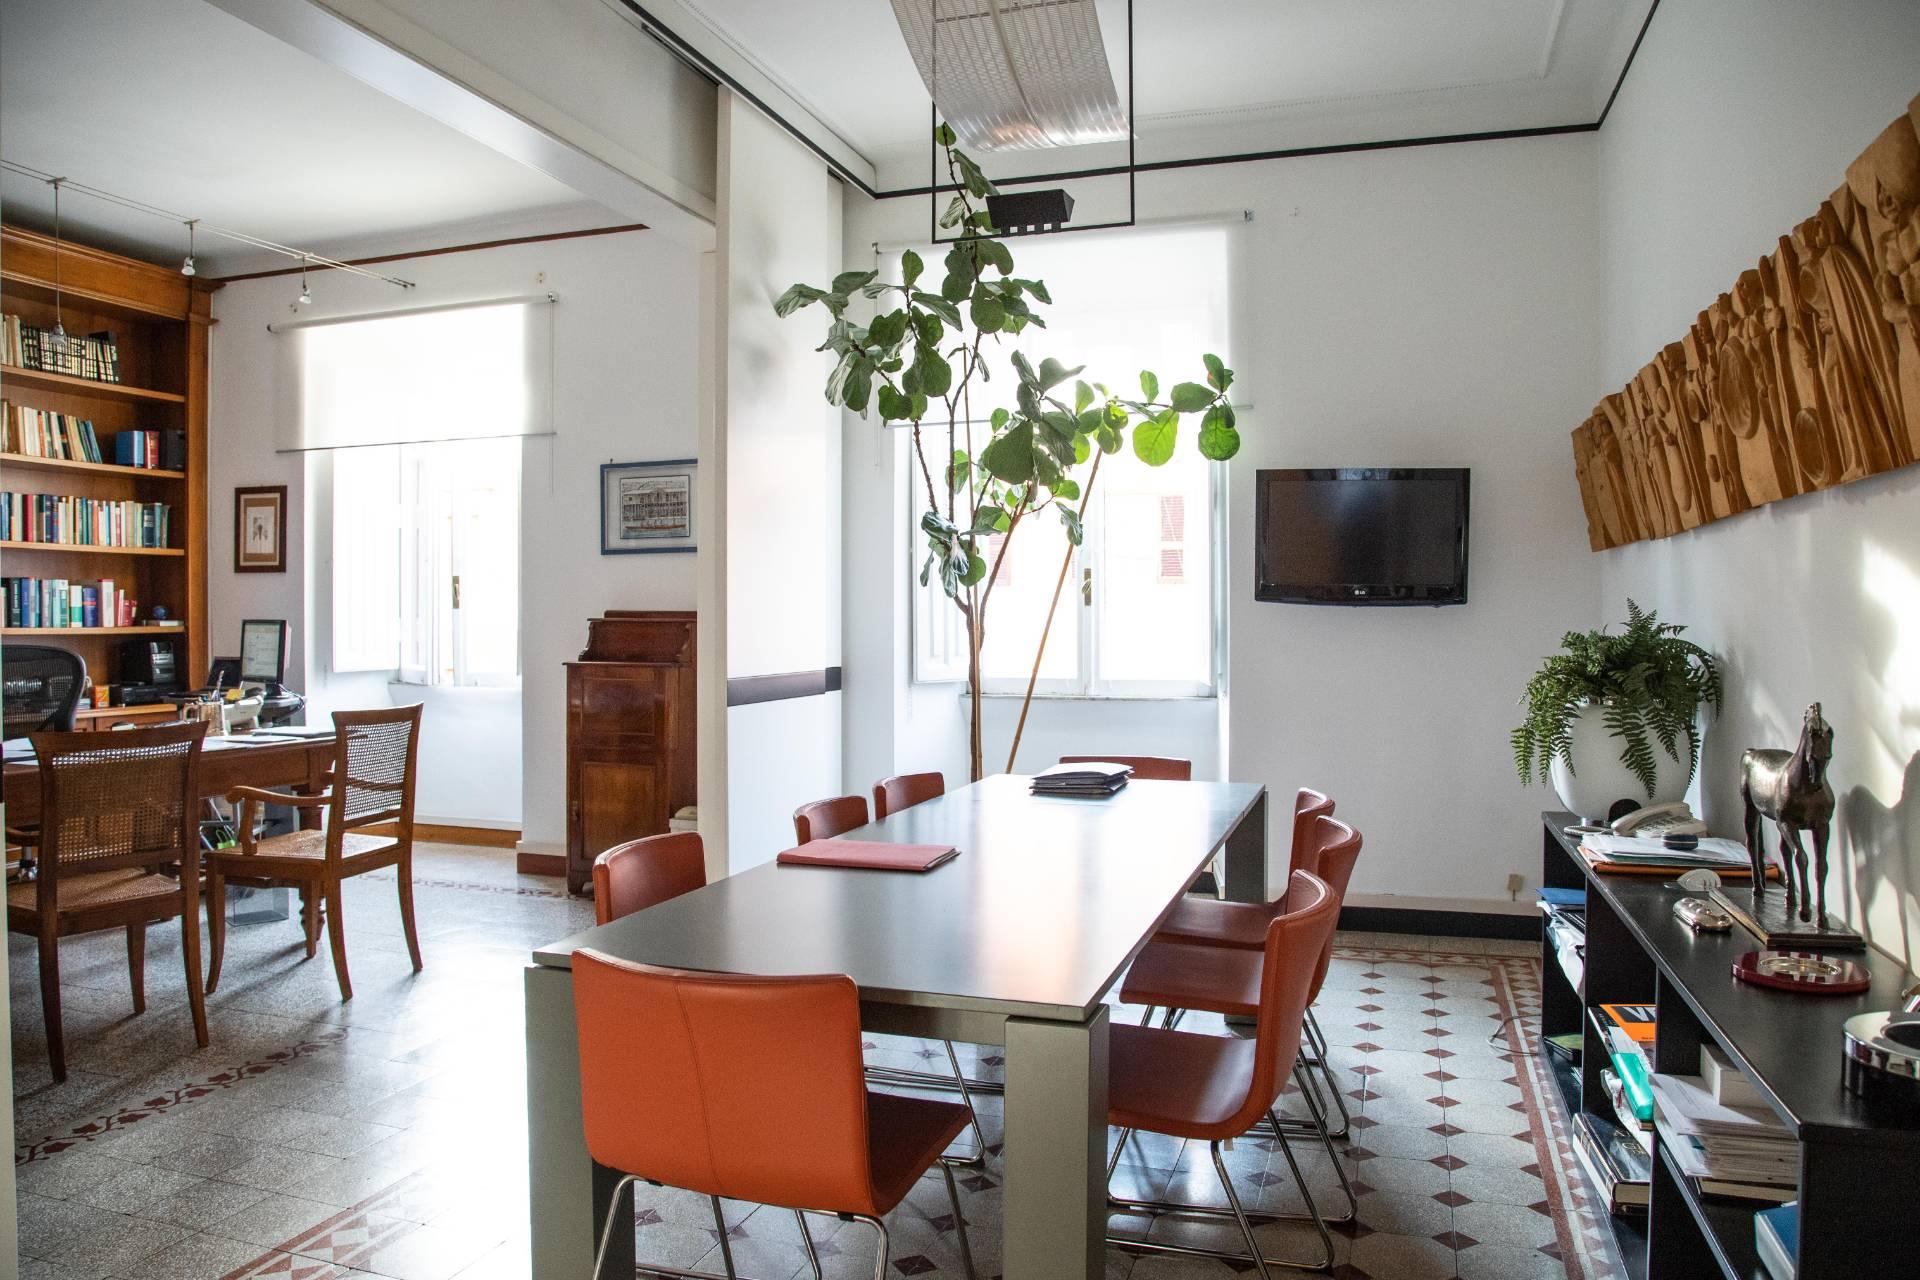 Appartamento in affitto a roma cod 143 saint bon for Uffici in affitto roma prati